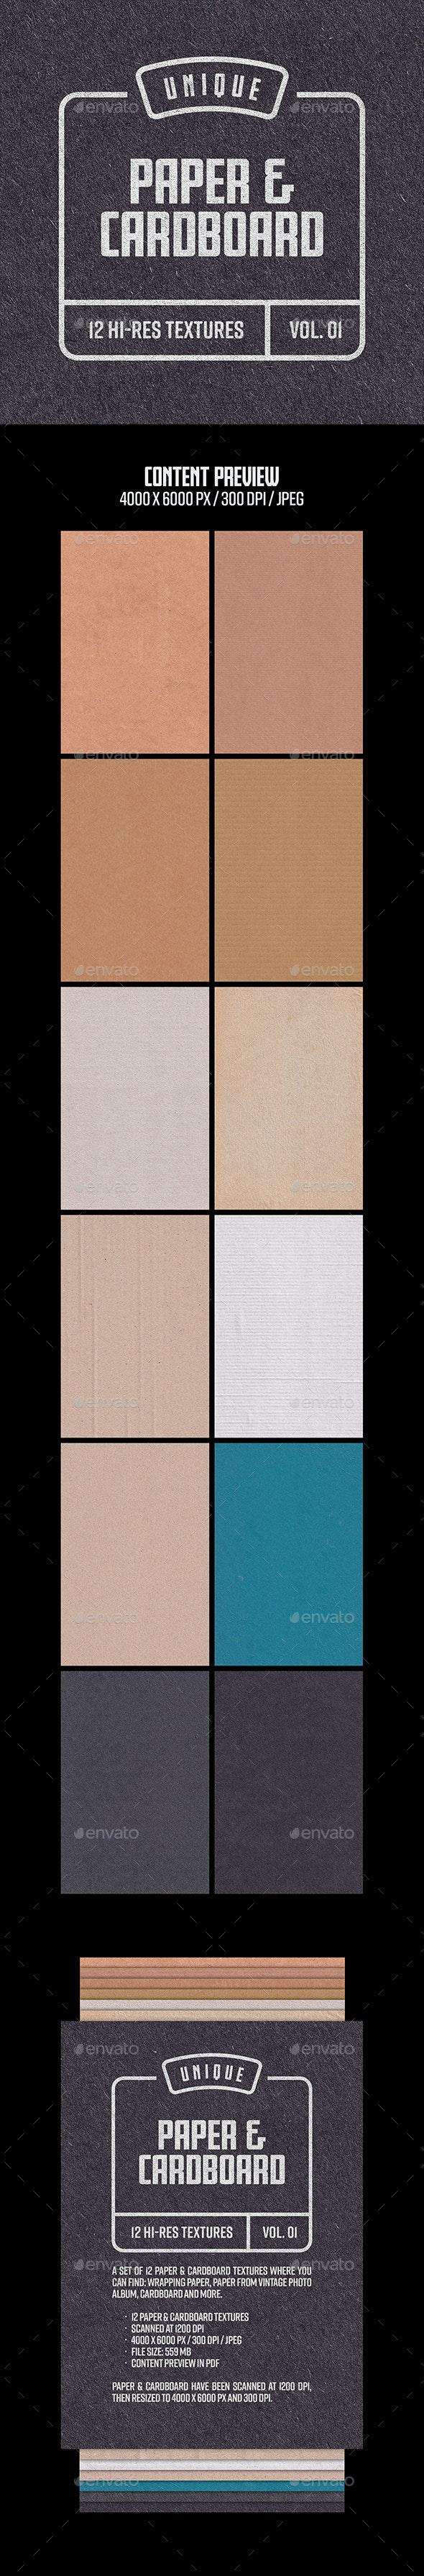 Paper & Cardboard Textures - Vol. 01 - Paper Textures